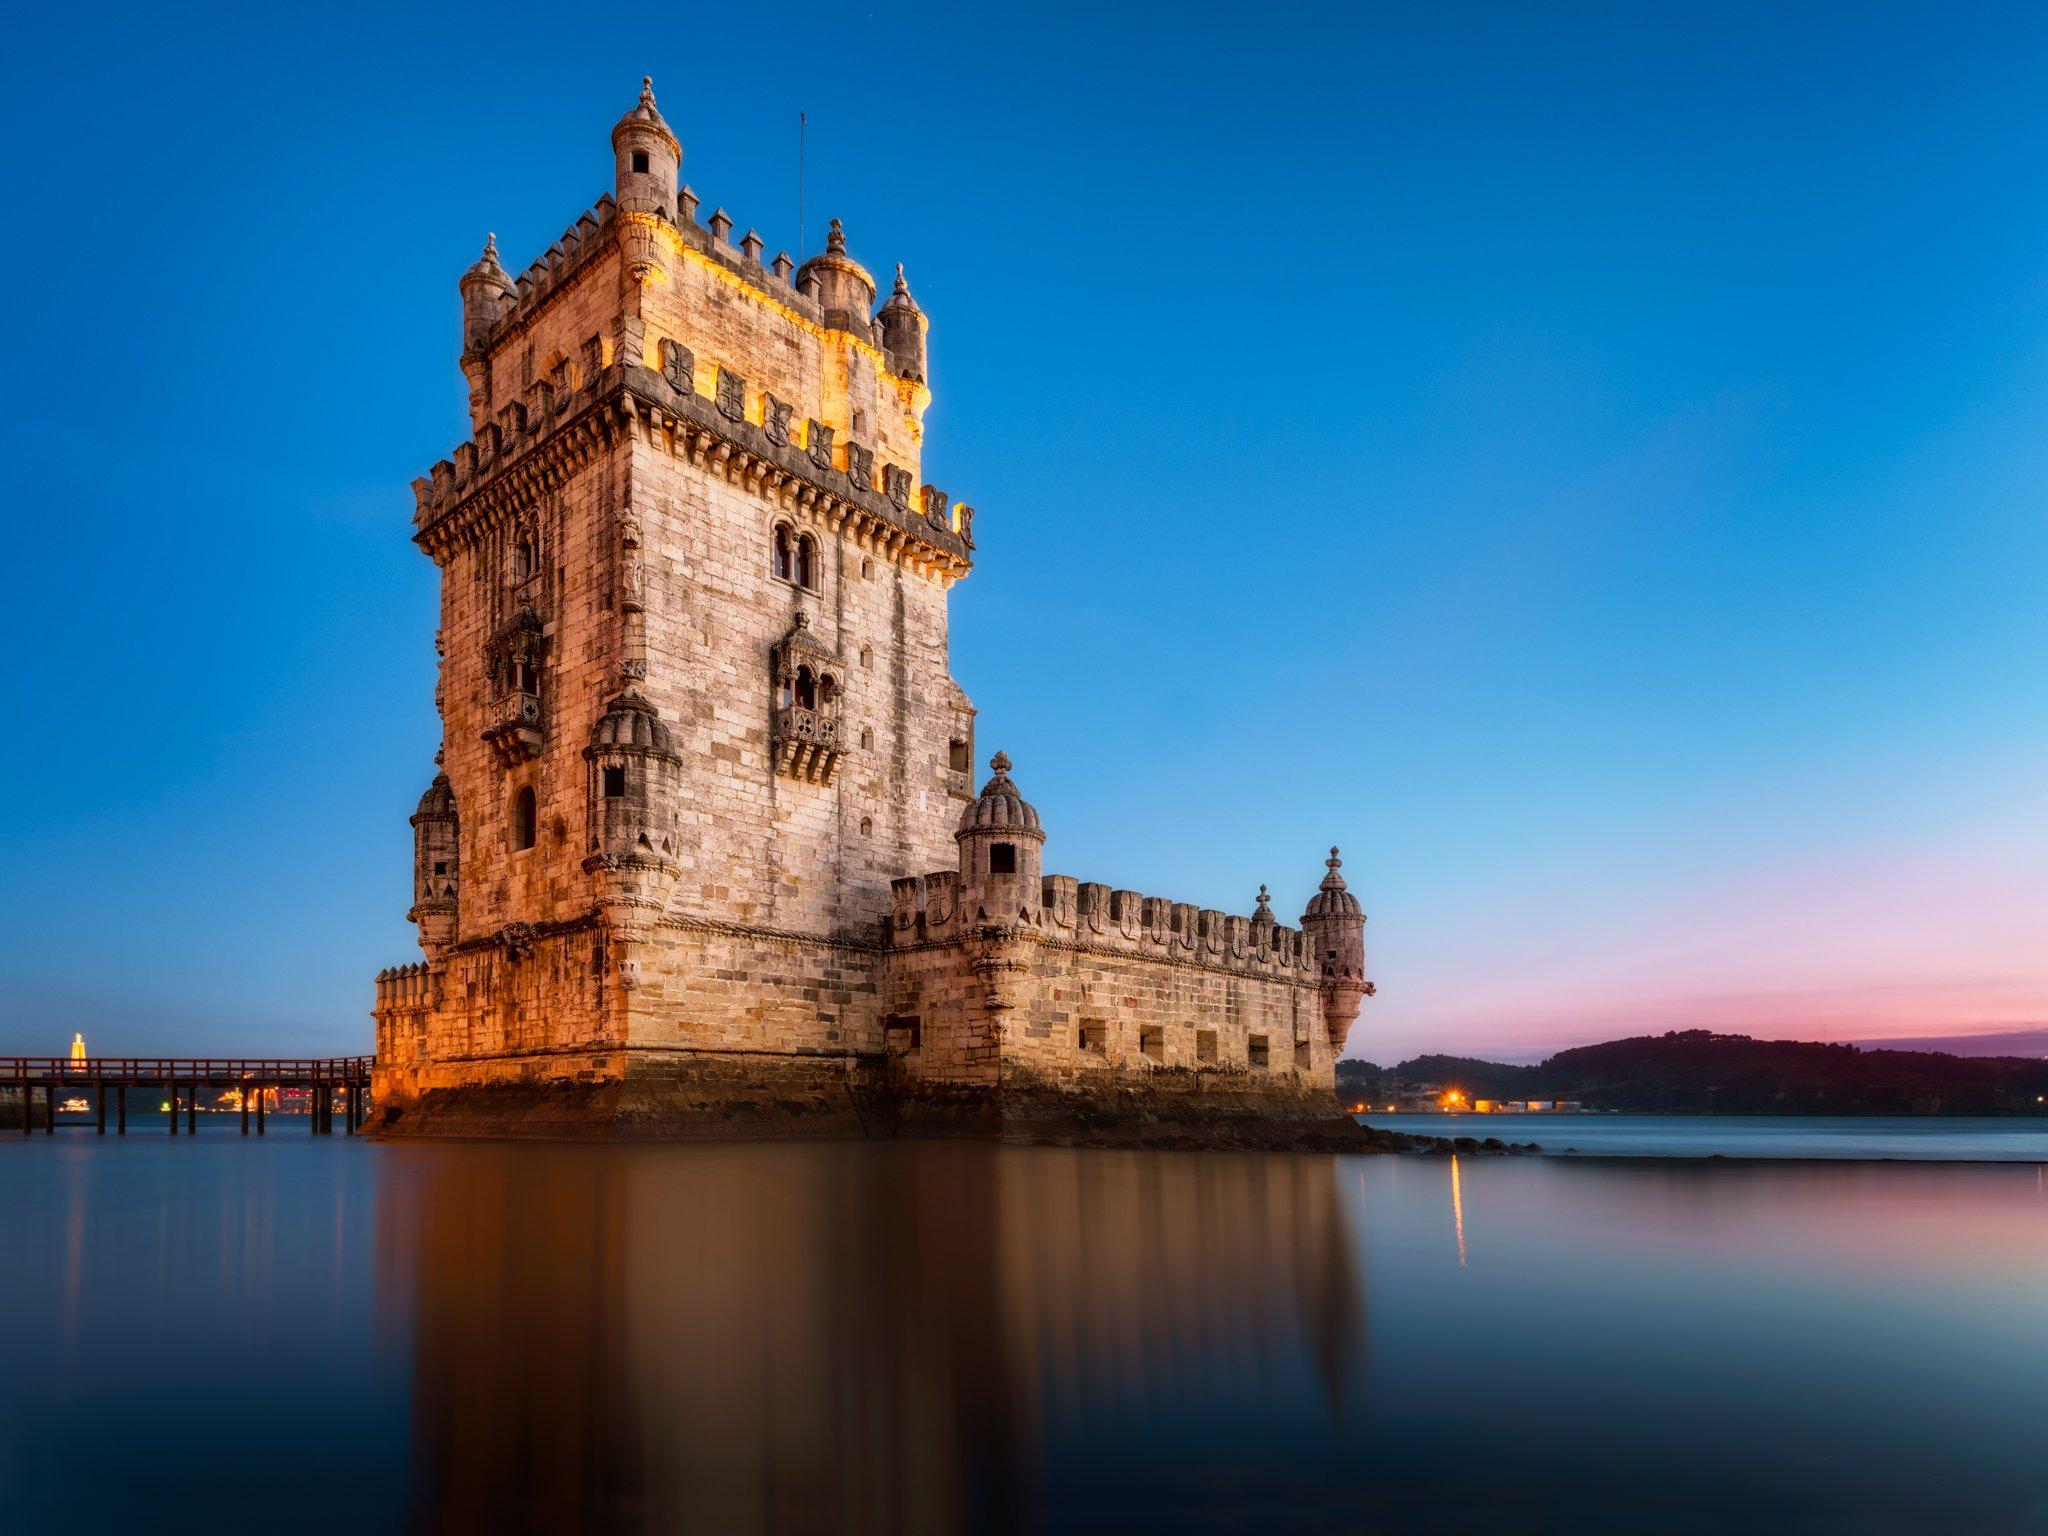 Wieża Belém | Lizbona, Portugalia